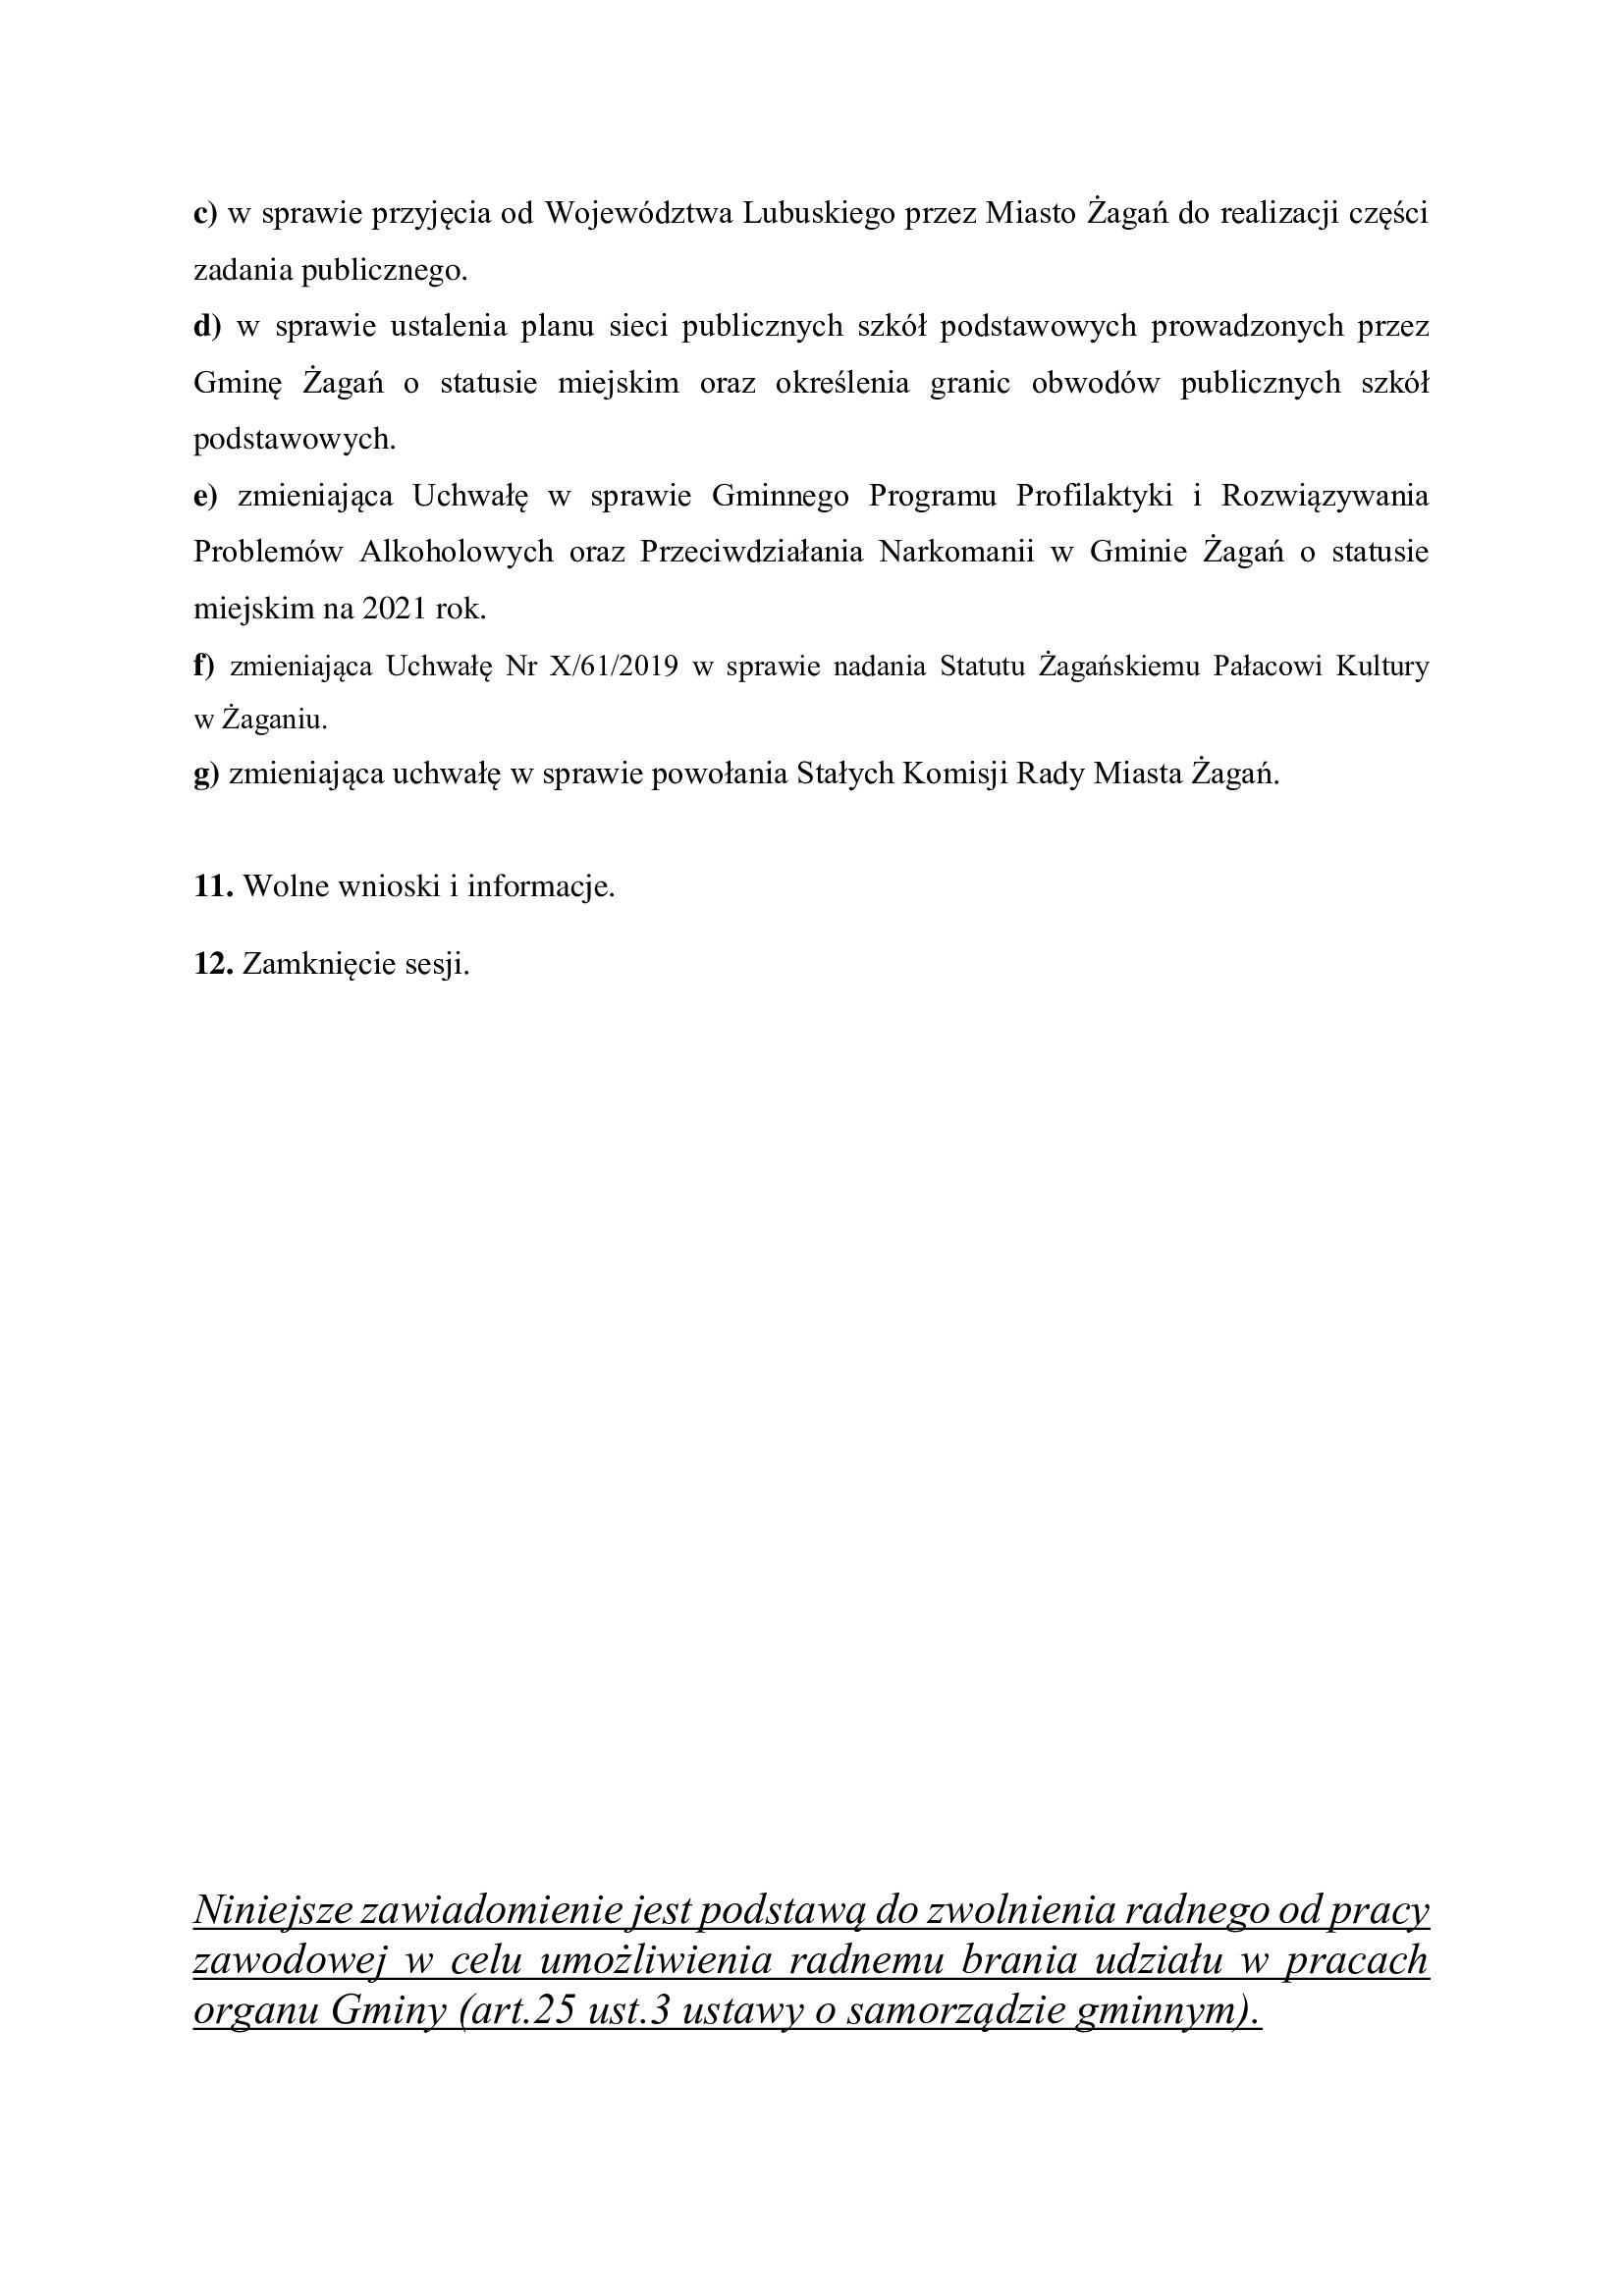 Porządek obrad XXVIII sesji Rady Miasta Żagań